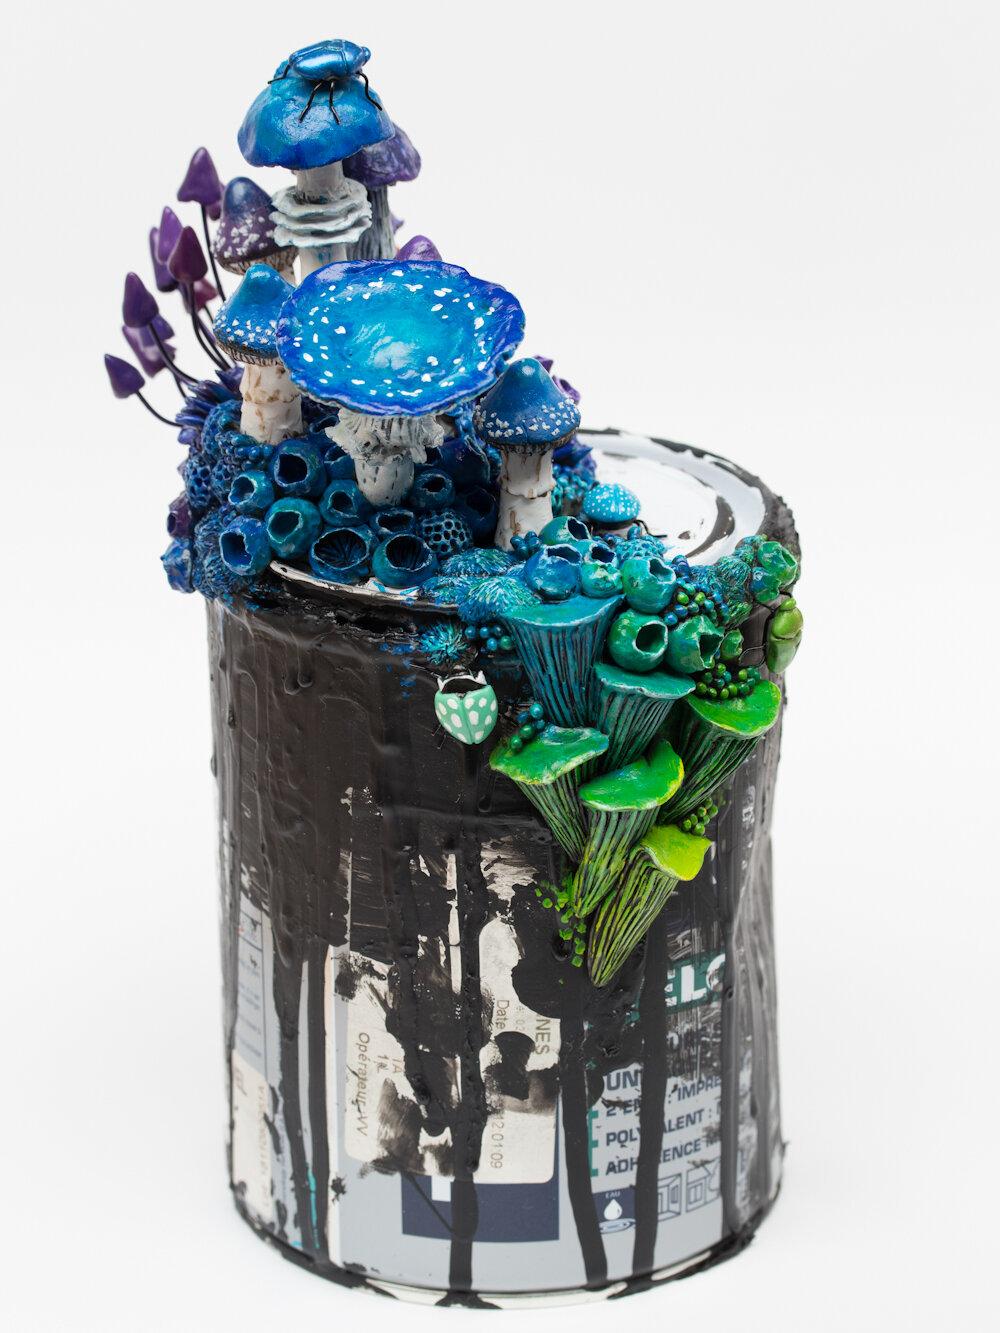 弧,2019,垃圾桶上的混合媒体雕塑,斯蒂芬妮·基尔加斯特